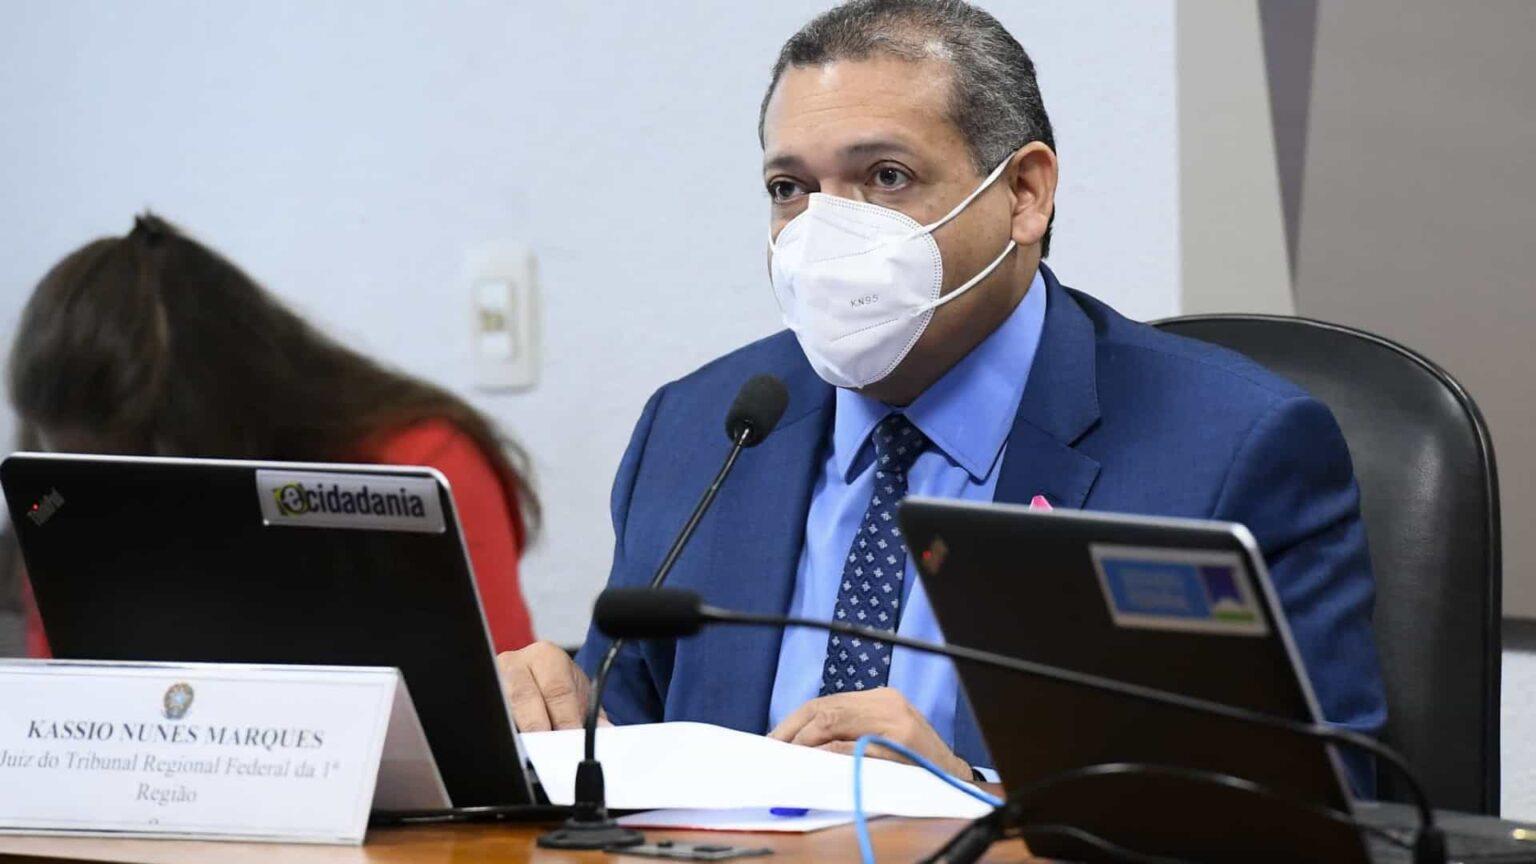 Insatisfação com presidente se resolve na urna e não com impeachment, diz Kassio